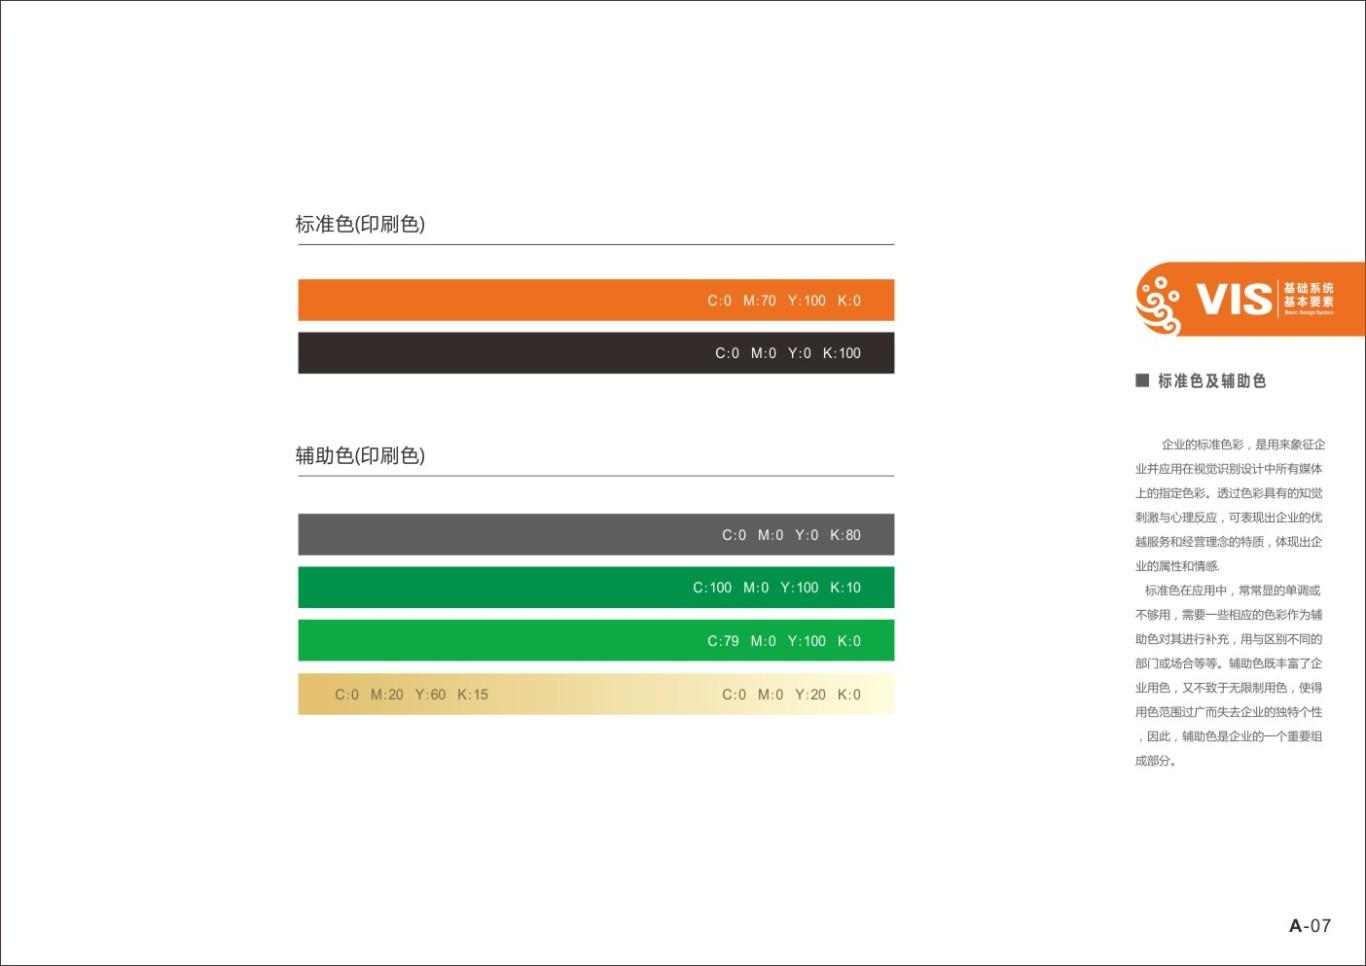 四川广融钱多多品牌及VI形象设计图8